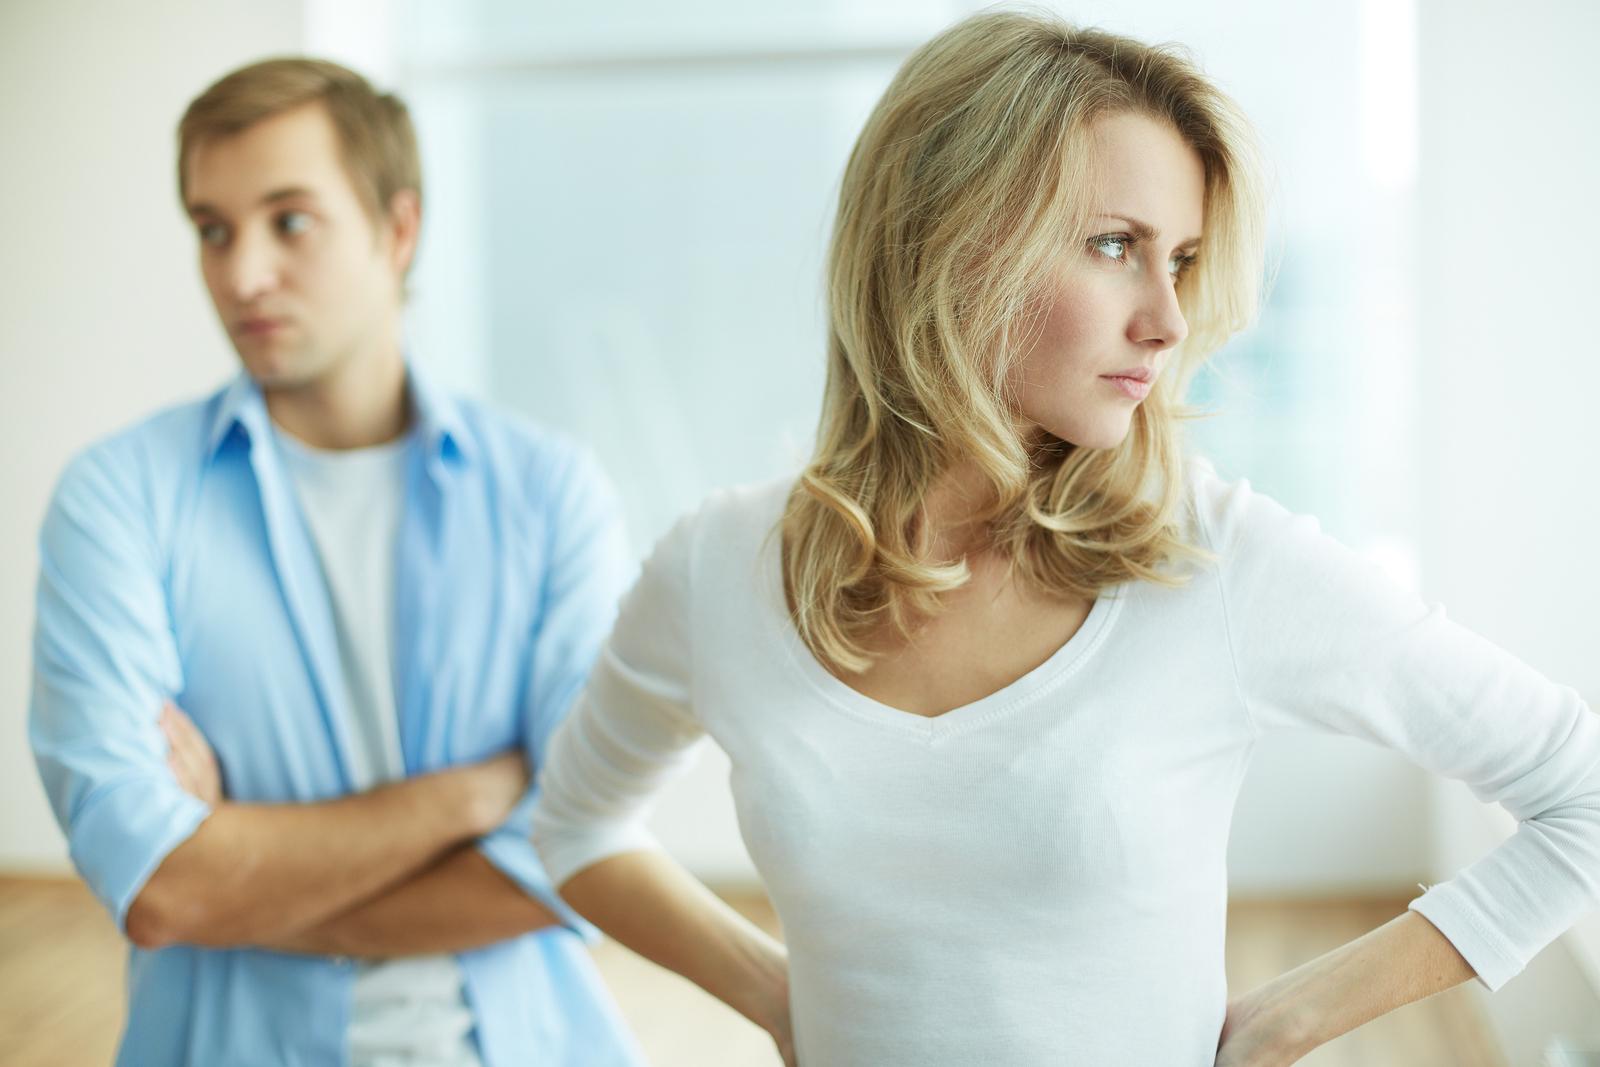 男性から嫌われる女④理屈っぽい女